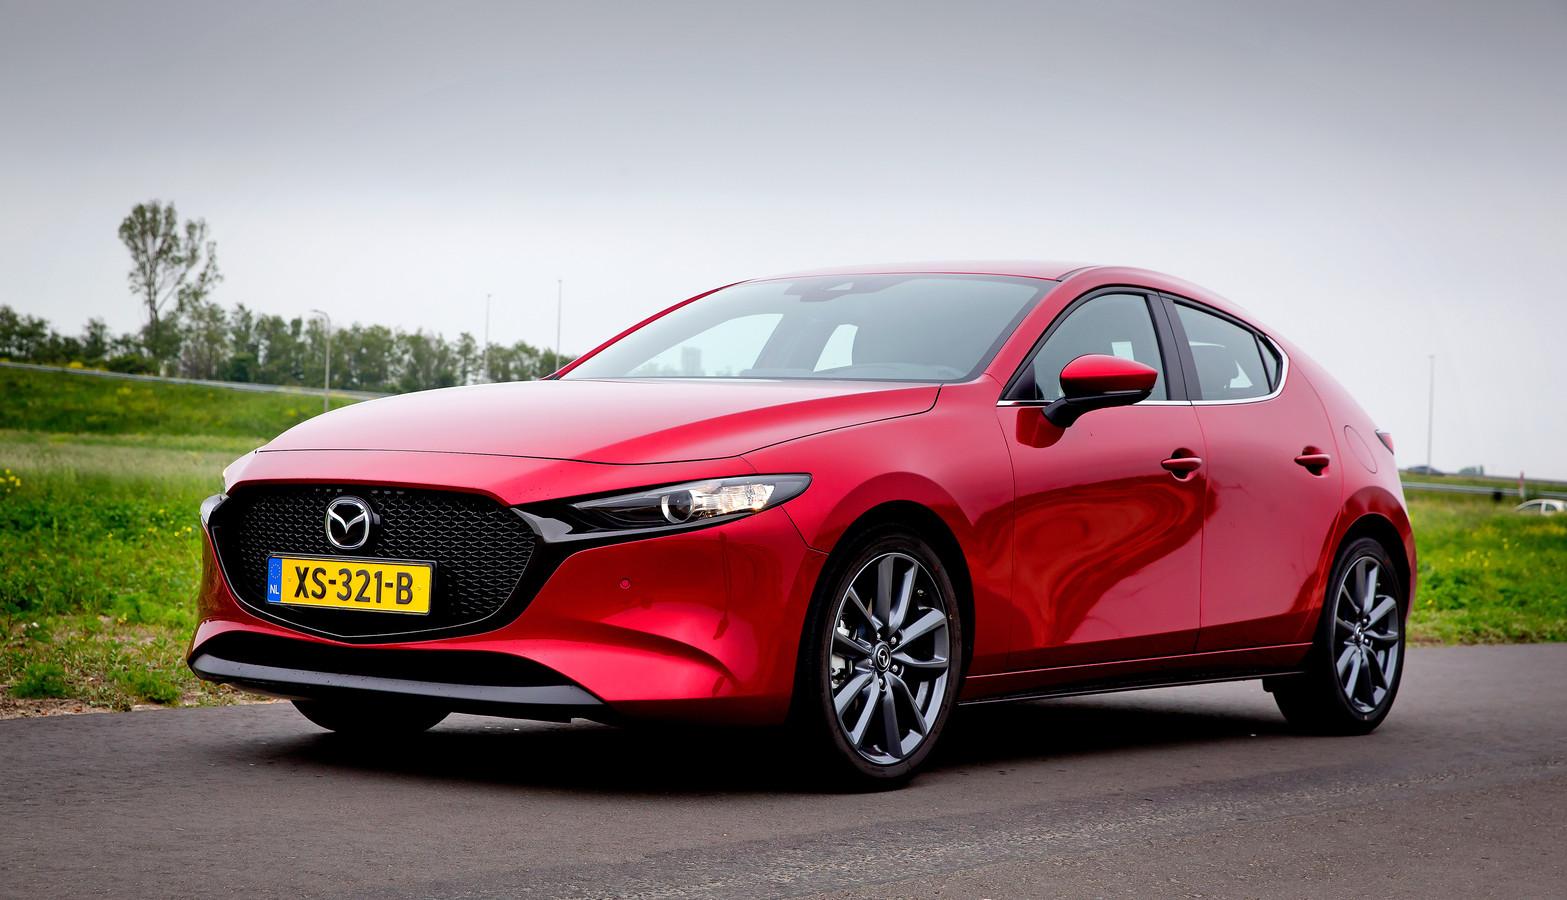 De Mazda 3 heeft beslist karakter, maar de zitruimte achterin is beperkt.